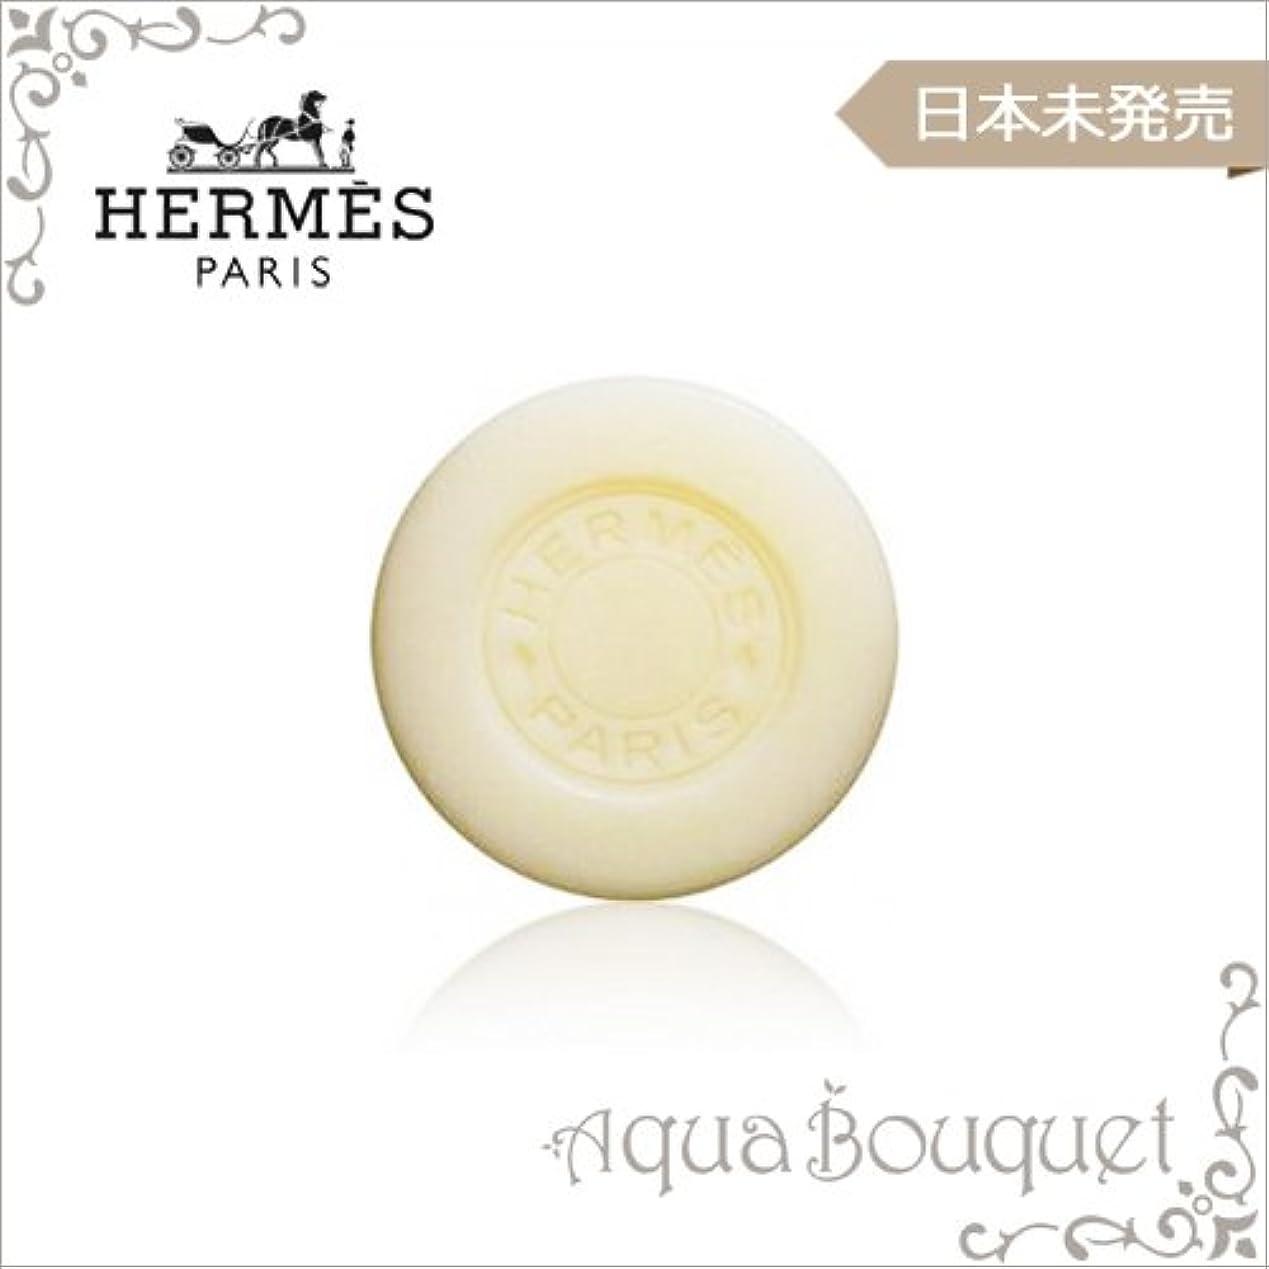 数学的な体細胞肺炎エルメス テール ド エルメス パフュームド ソープ 100g HERMES TERRE D'HERMES PERFUMED SOAP [並行輸入品]